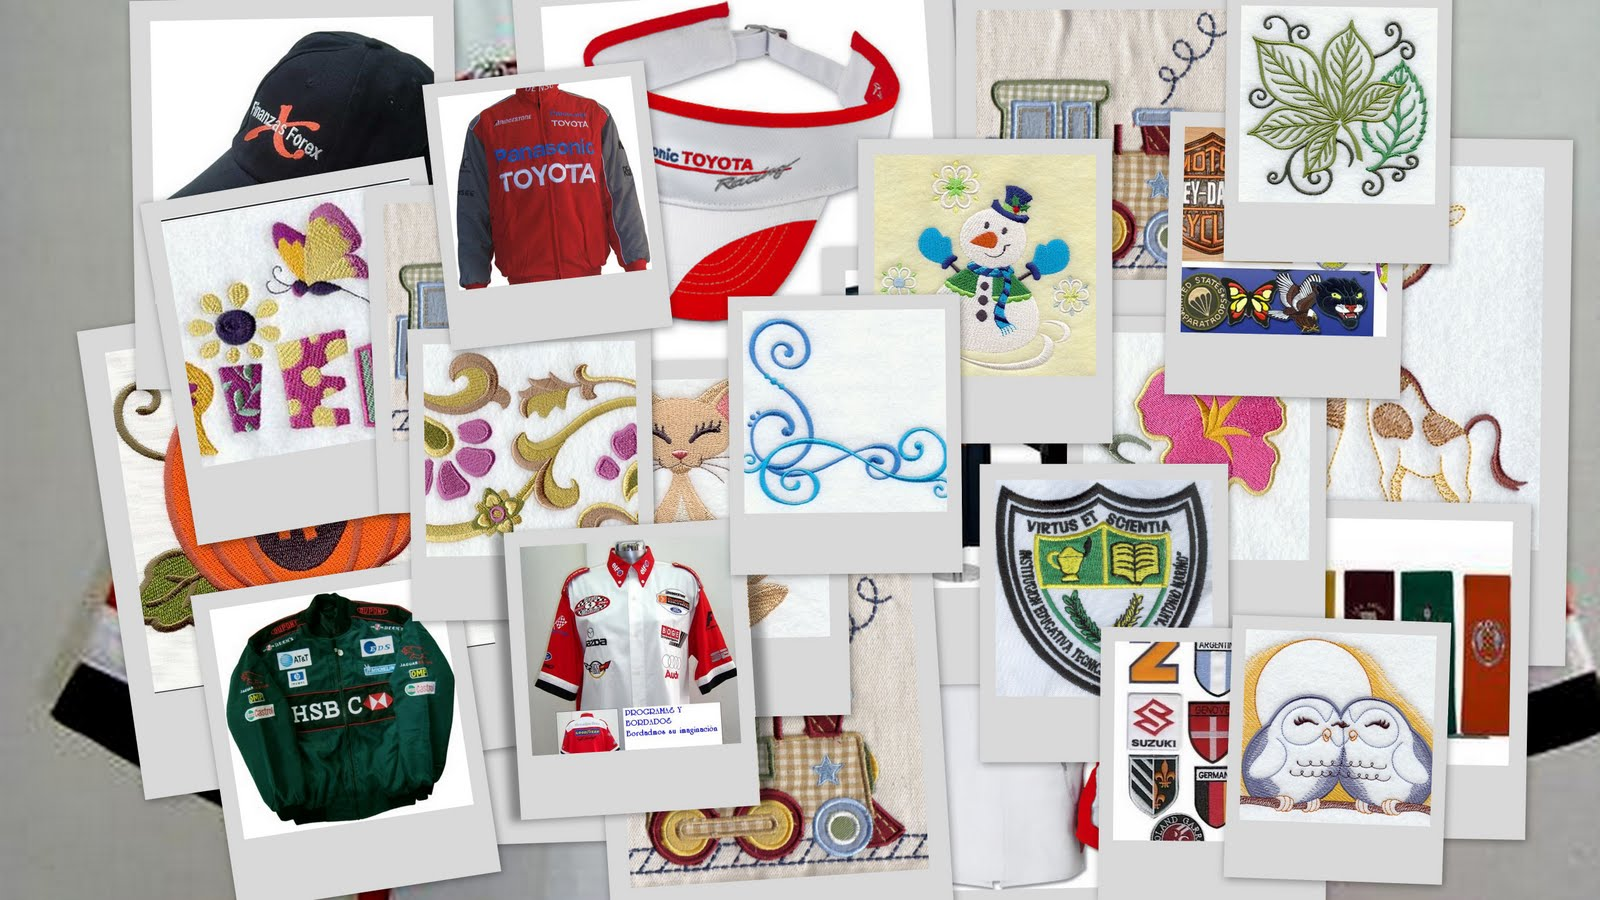 PROGRAMAS Y BORDADOS: Cursos diseño de bordado